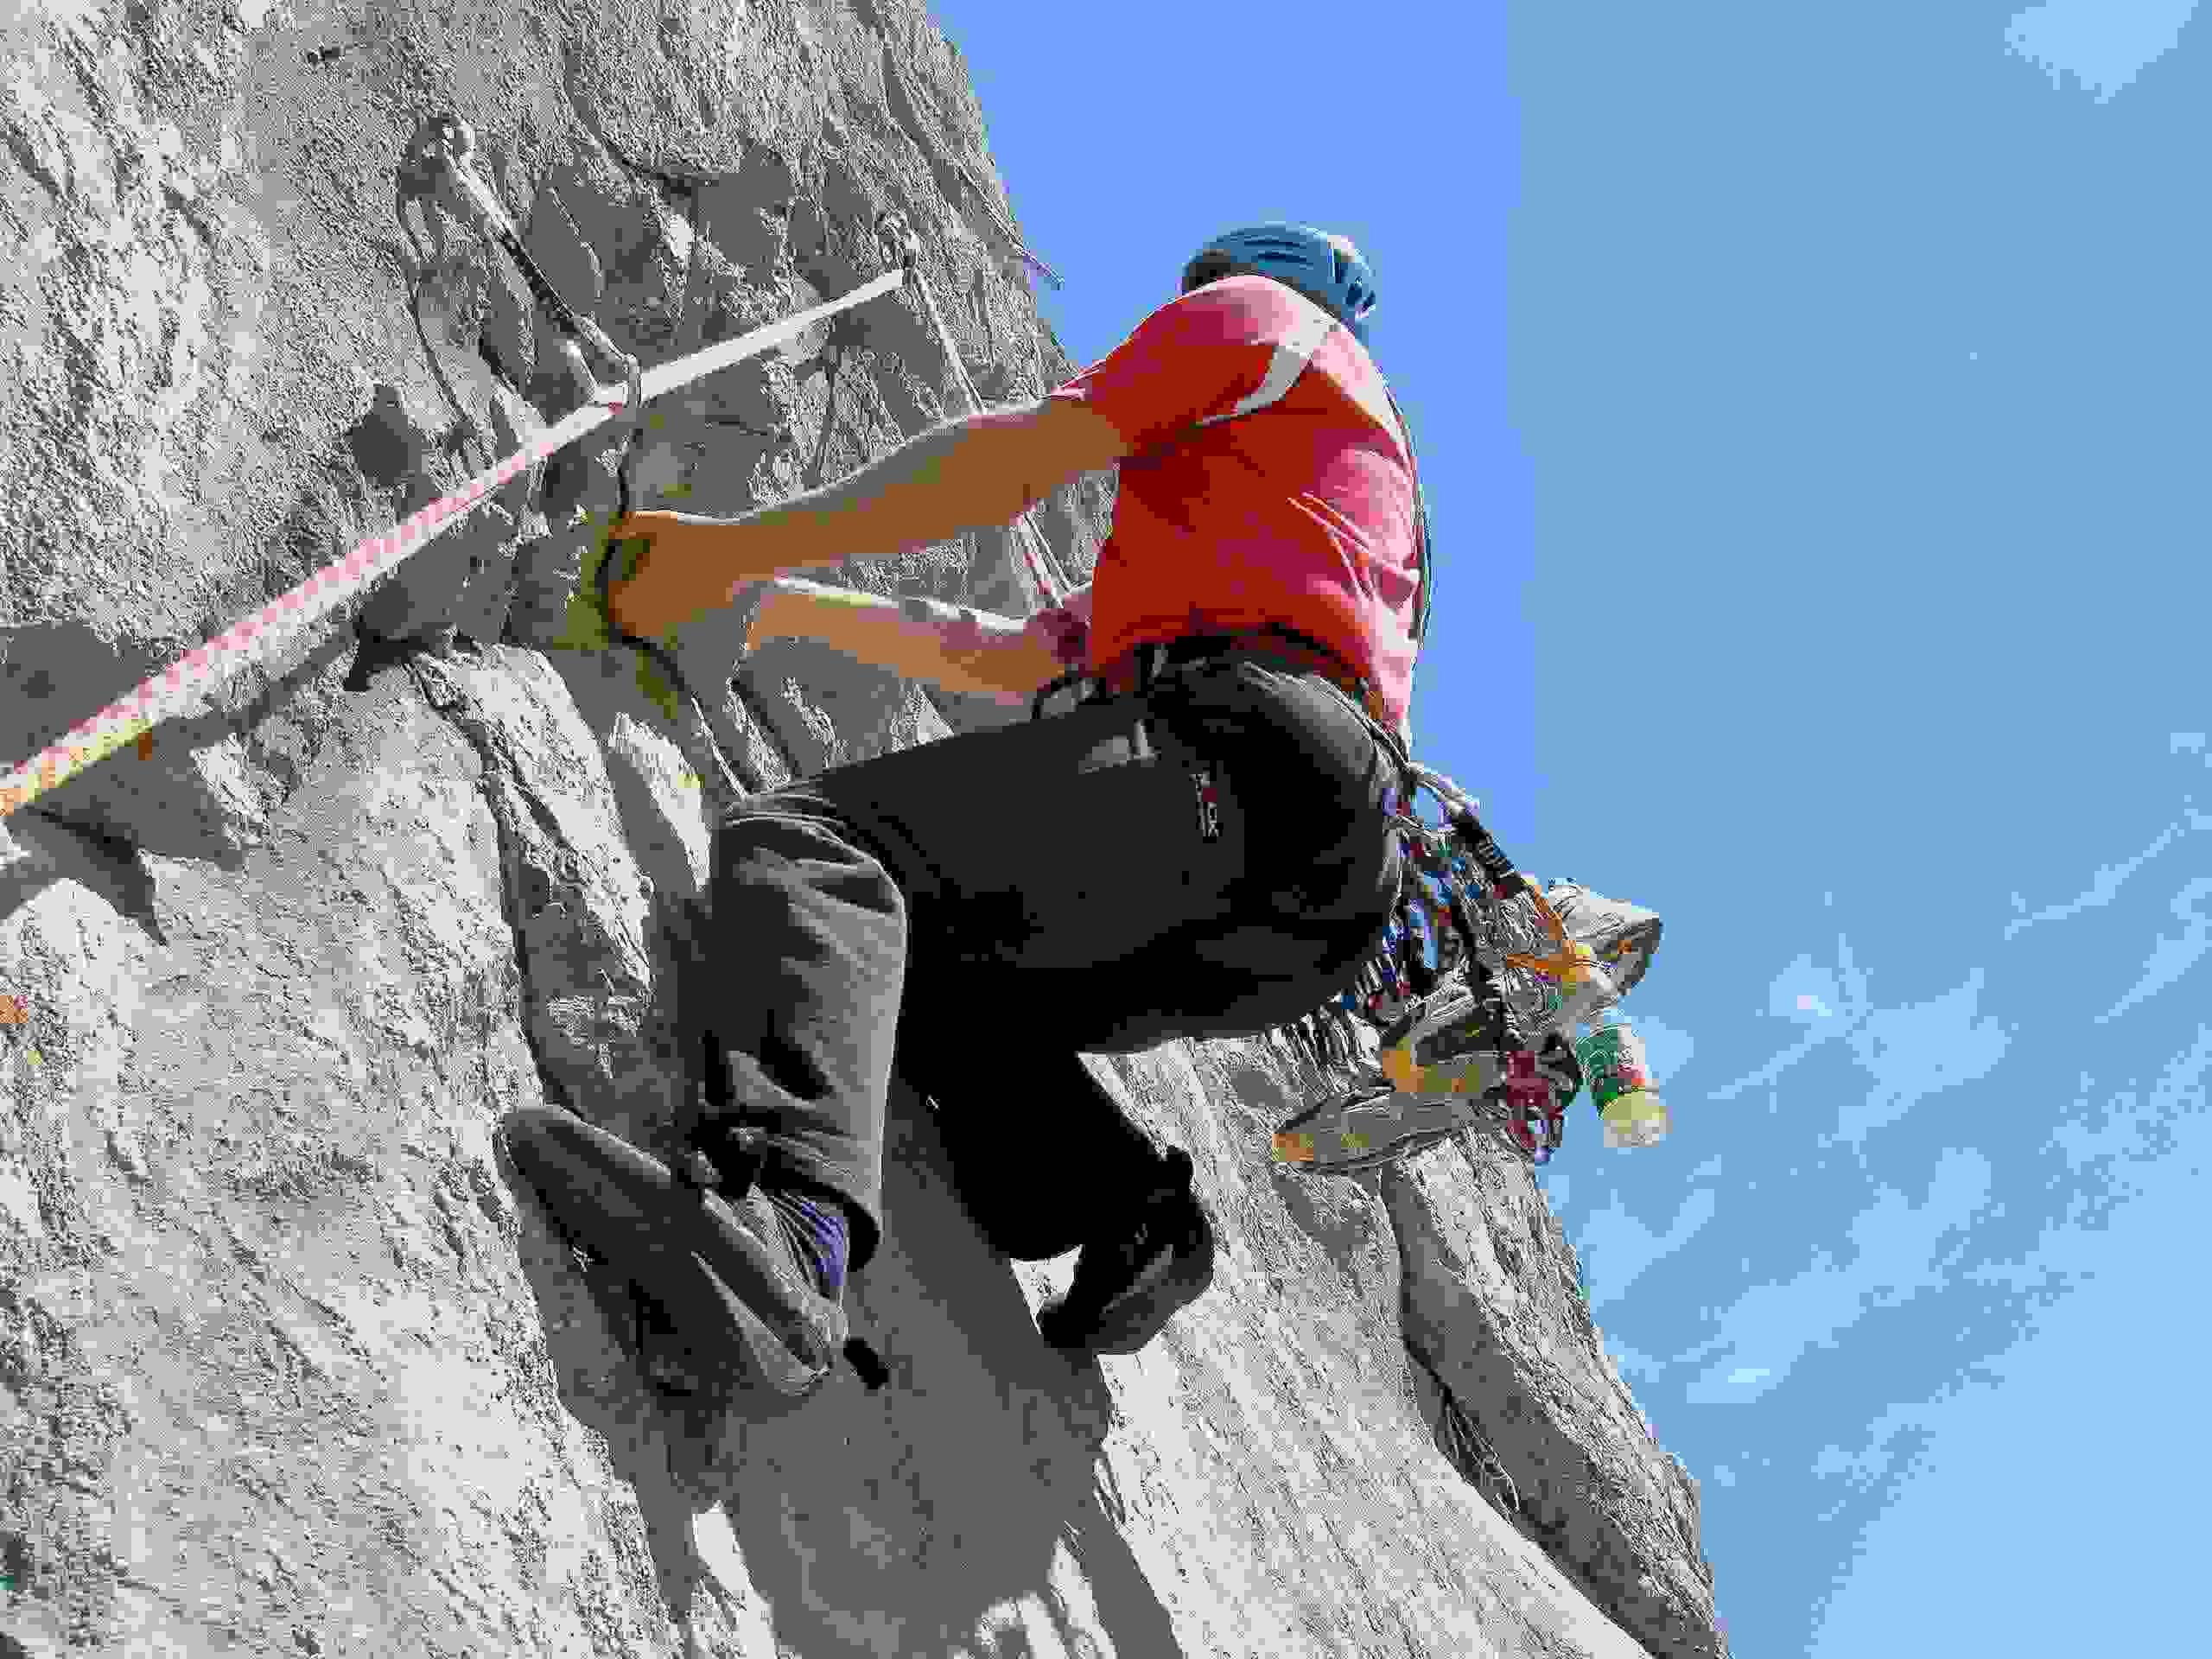 Foto: Kühberger Rudolf / Kletter Tour / Der wahre Kletterwahnsinn VIII+ / Schmid Albert im Überhang der 4. Sl.  8+ / 05.03.2007 15:48:26